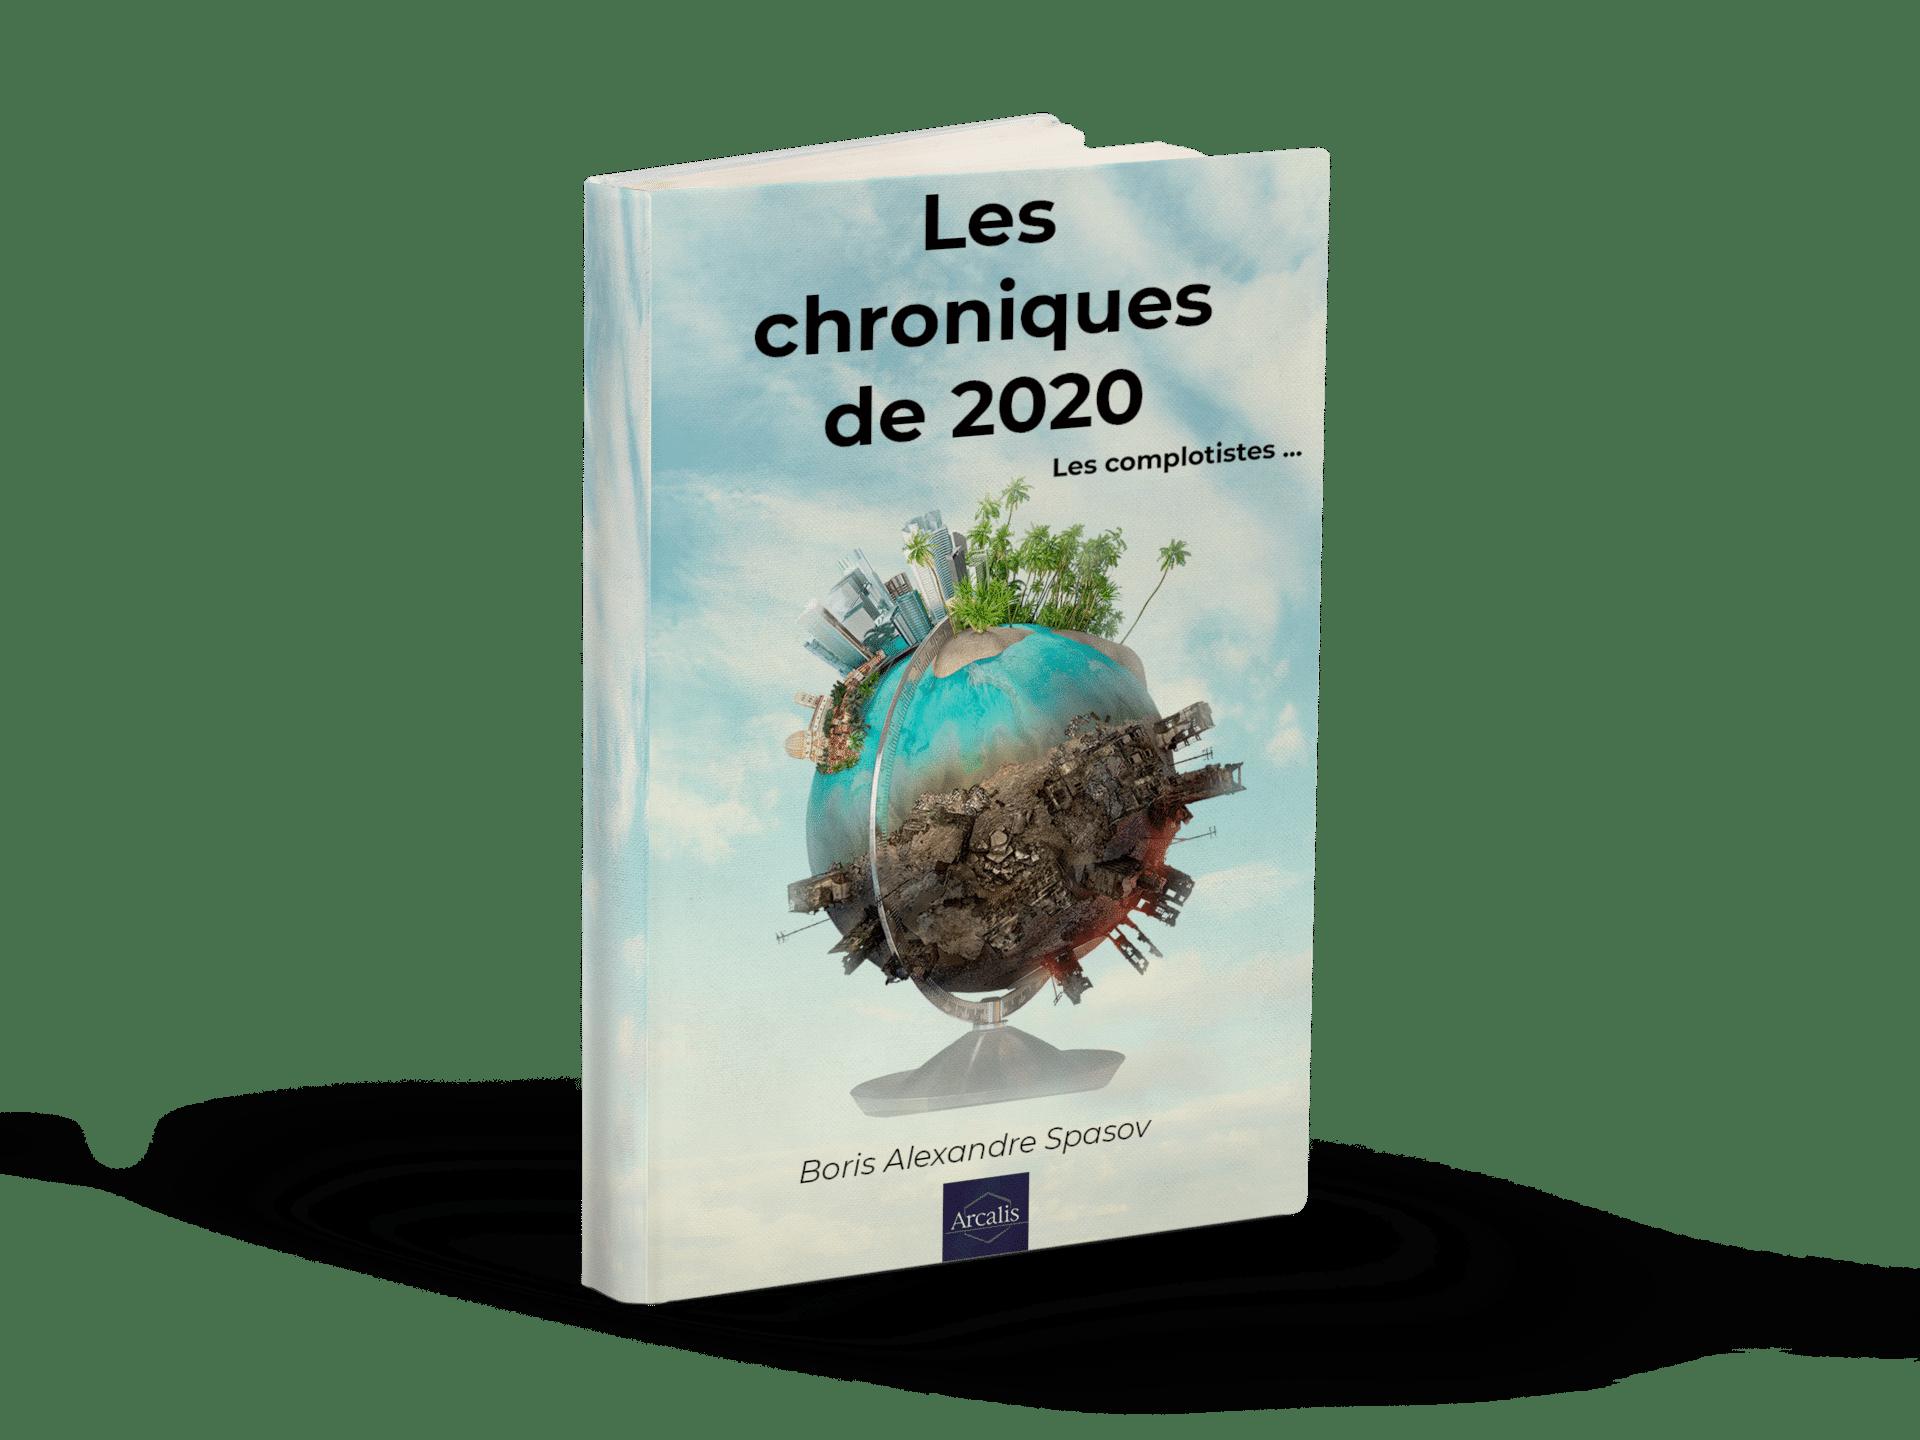 Les chroniques de 2020 Boris Alexandre Spasov